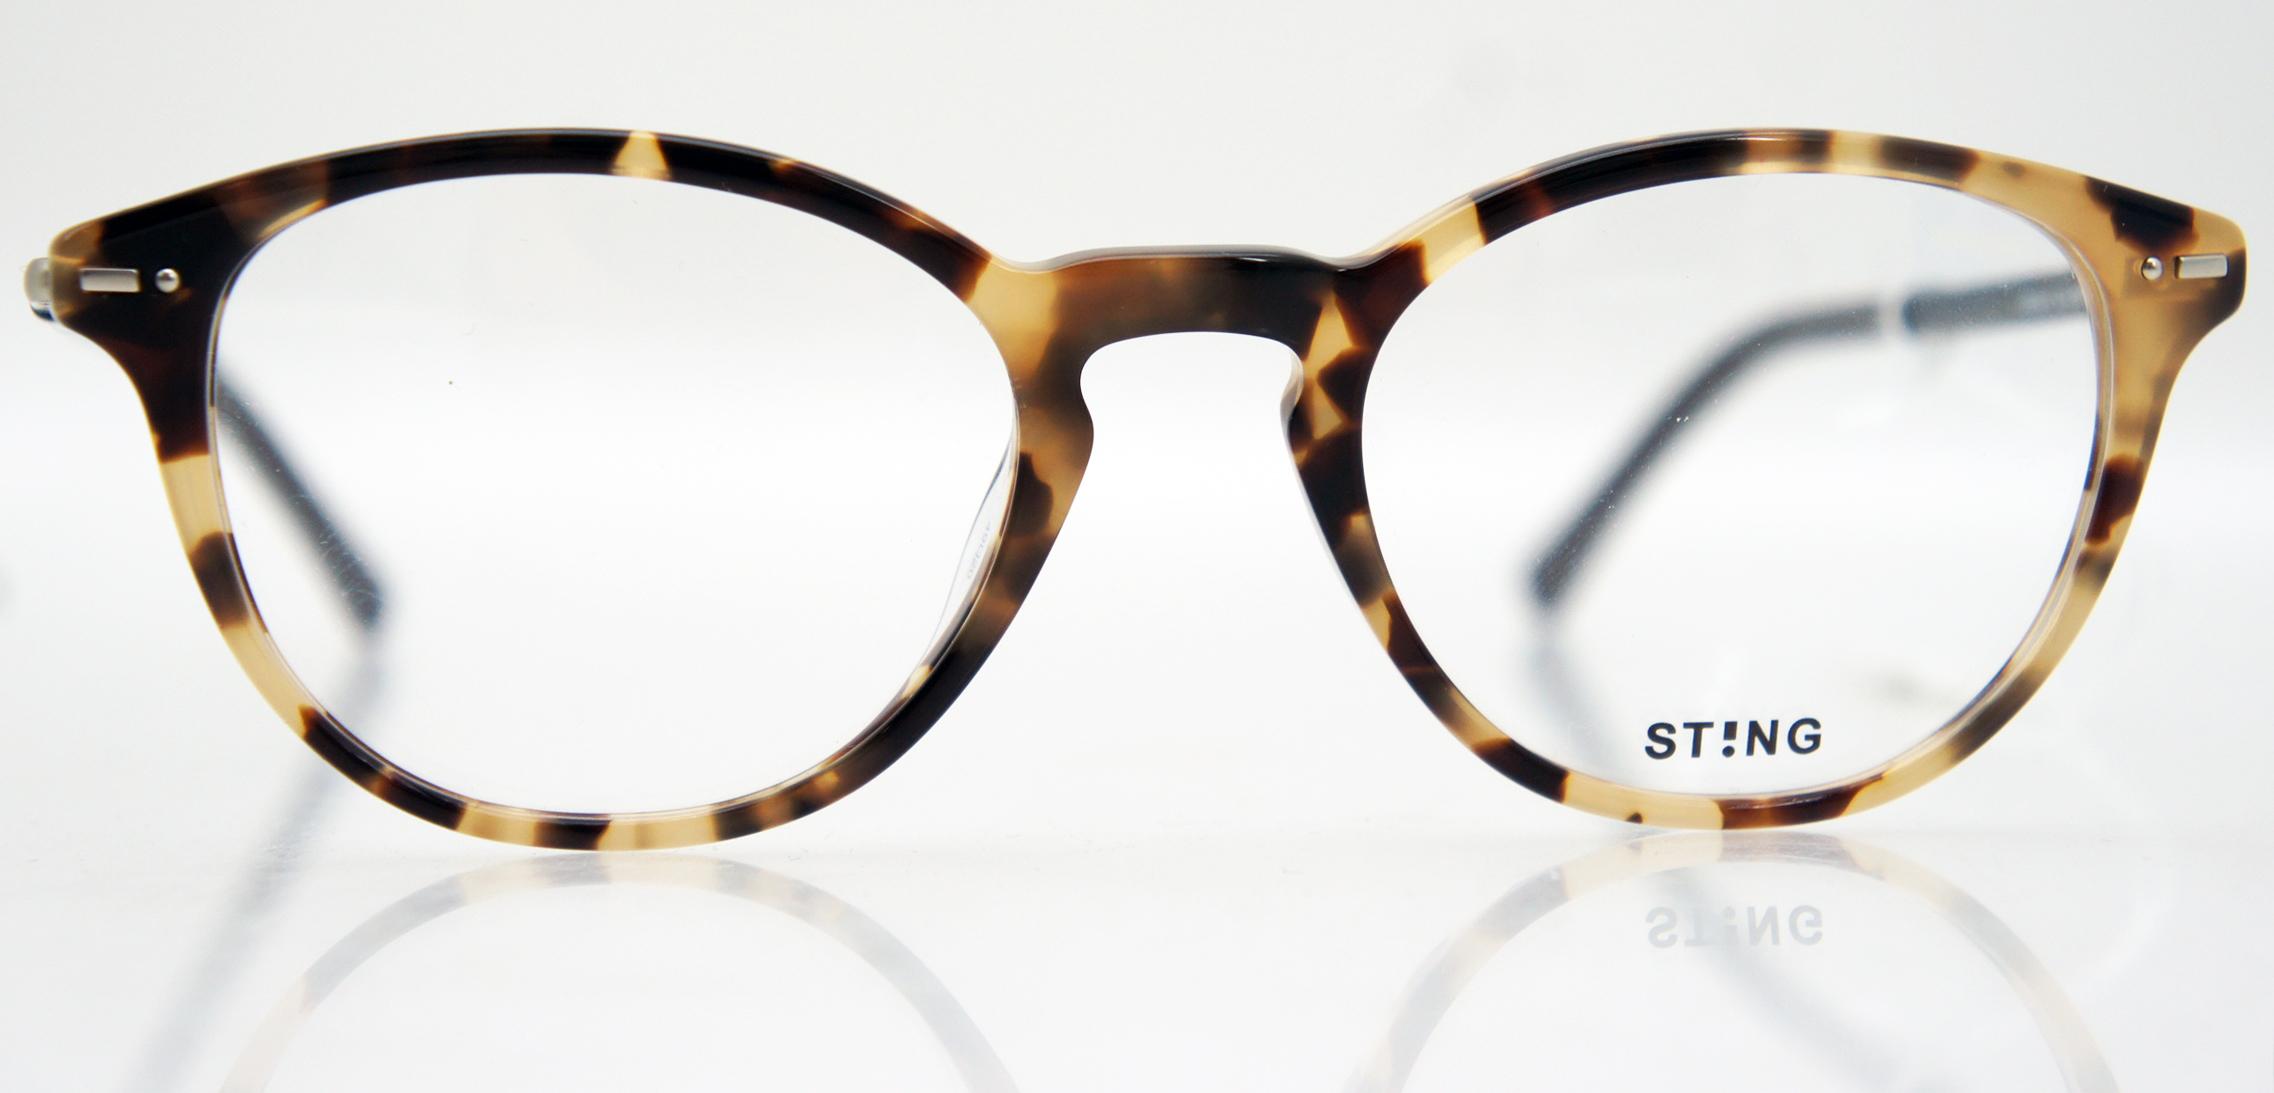 Sting VS6561W Brille Brillengestell 0960 braun beige blau 42/12/140 ...